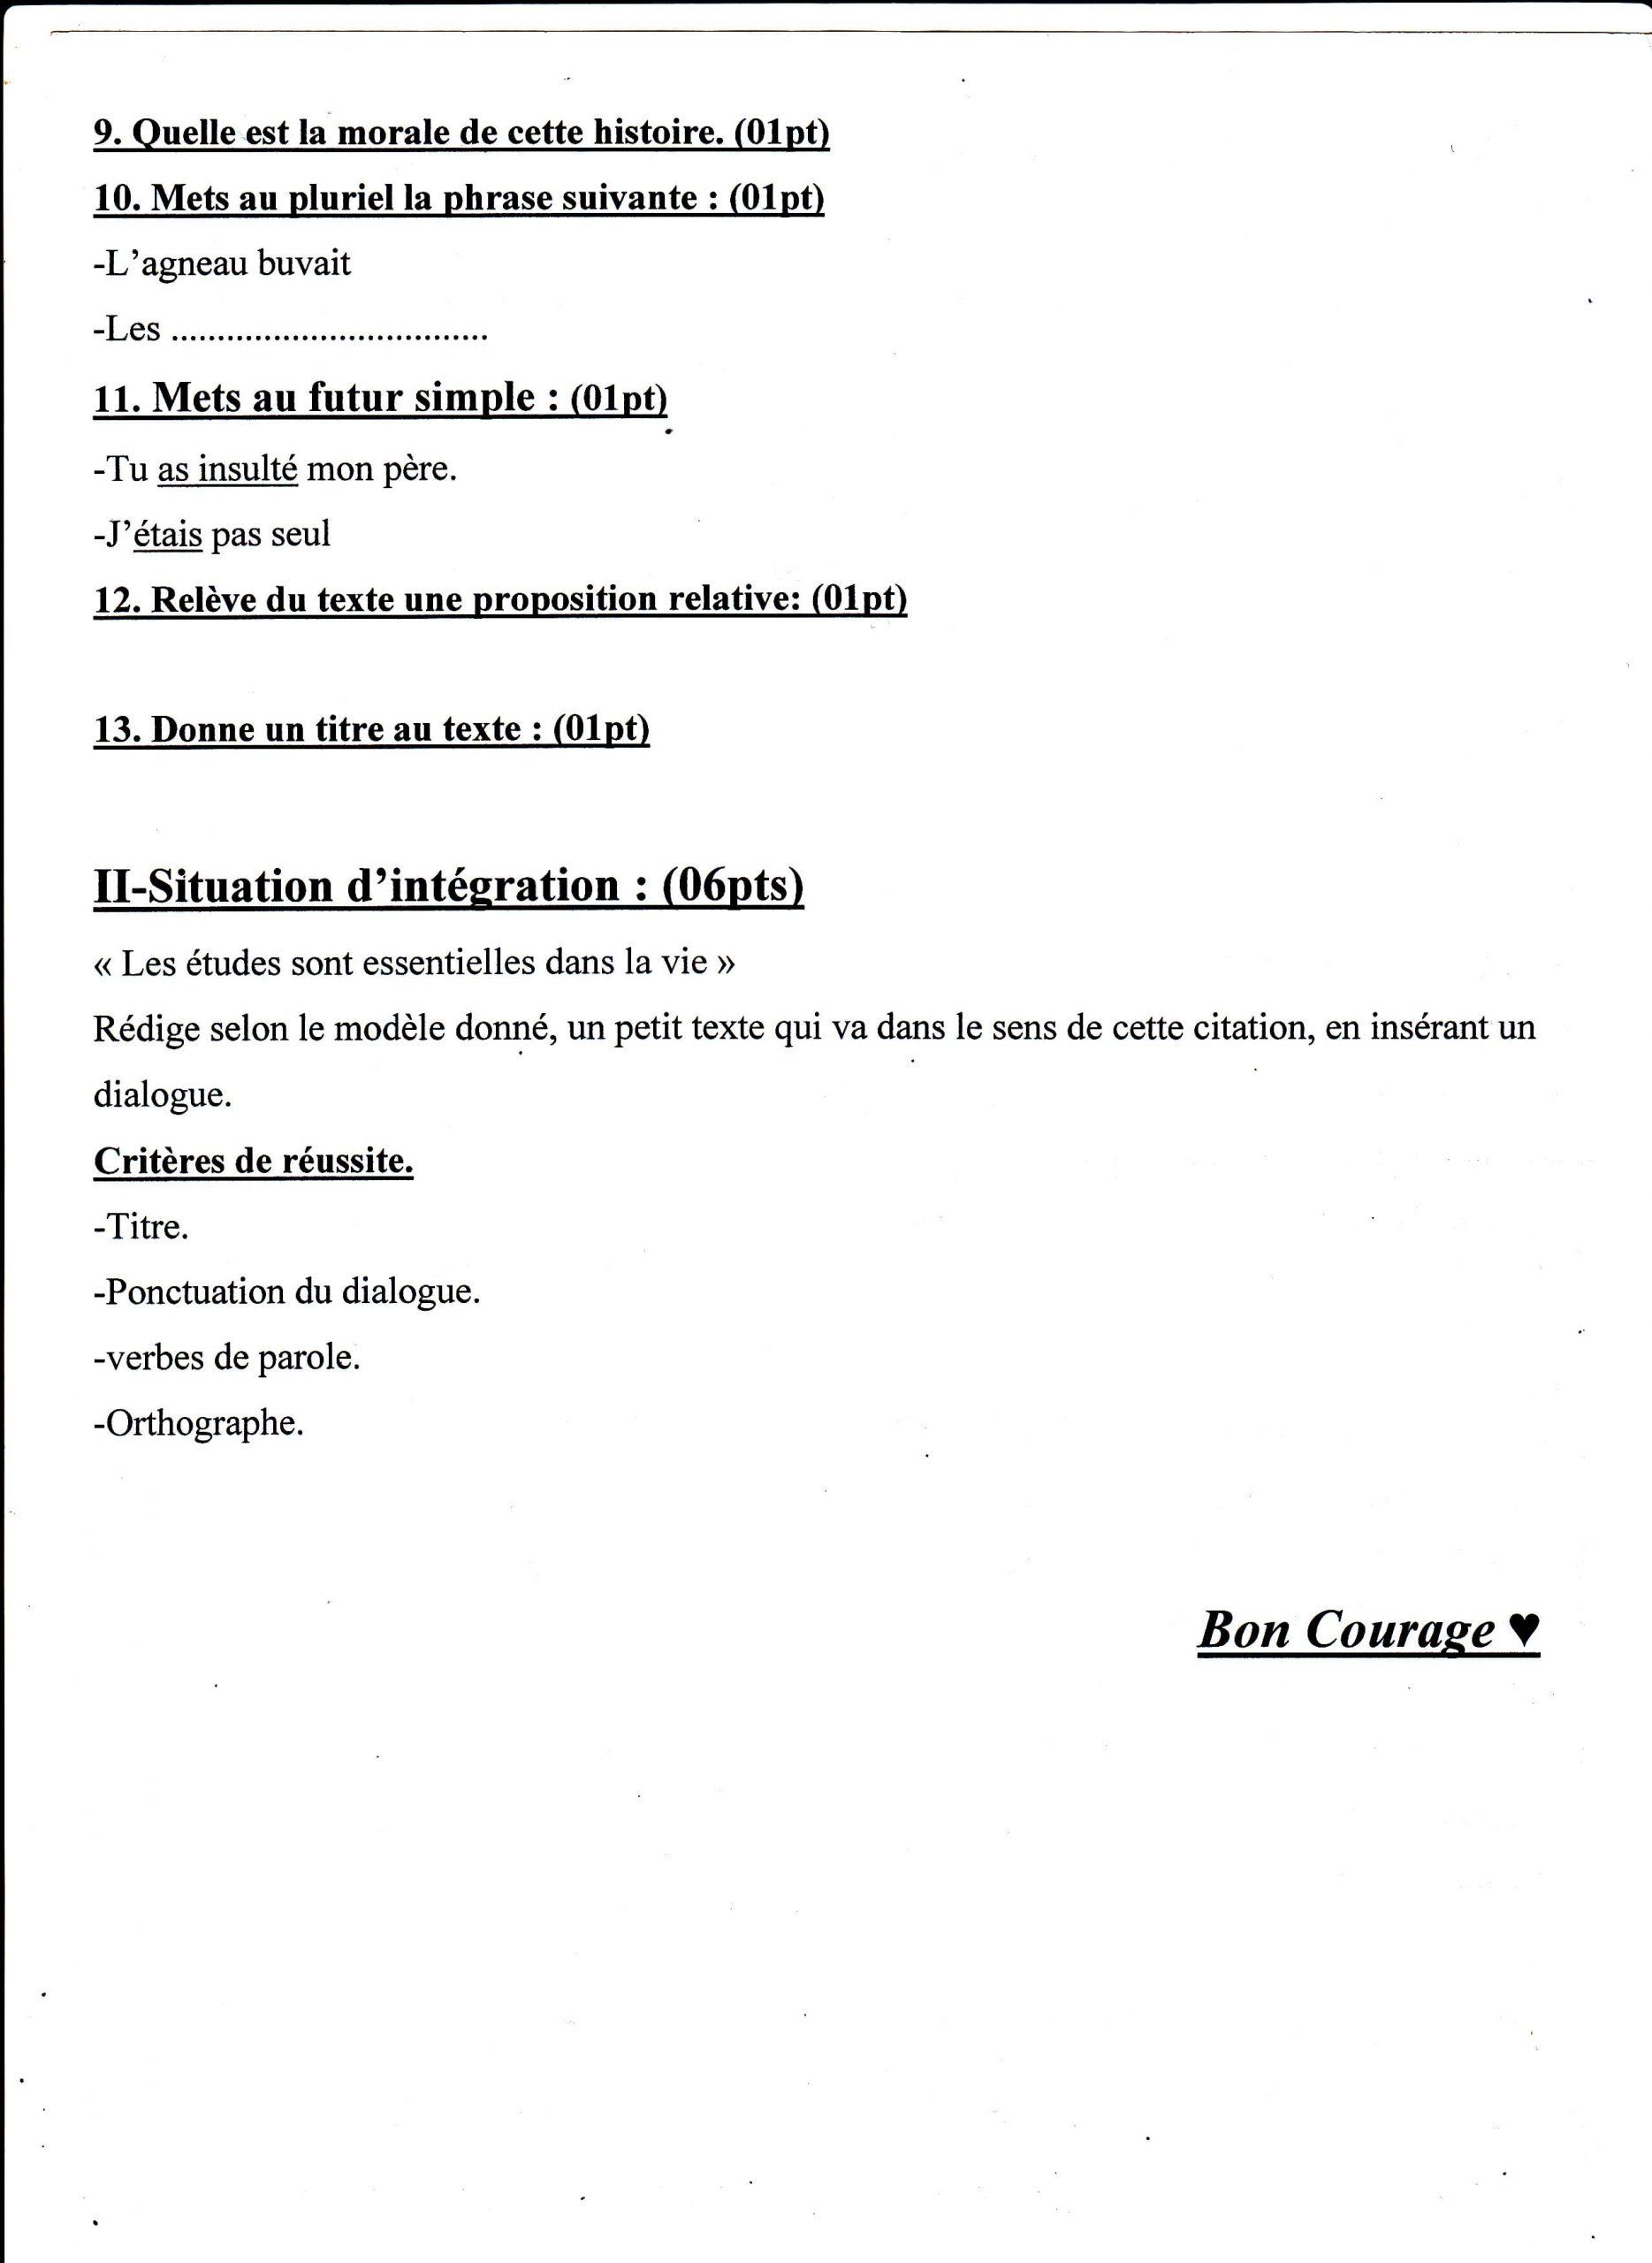 اختبار الفصل الثاني في اللغة الفرنسية للسنة الثانية متوسط